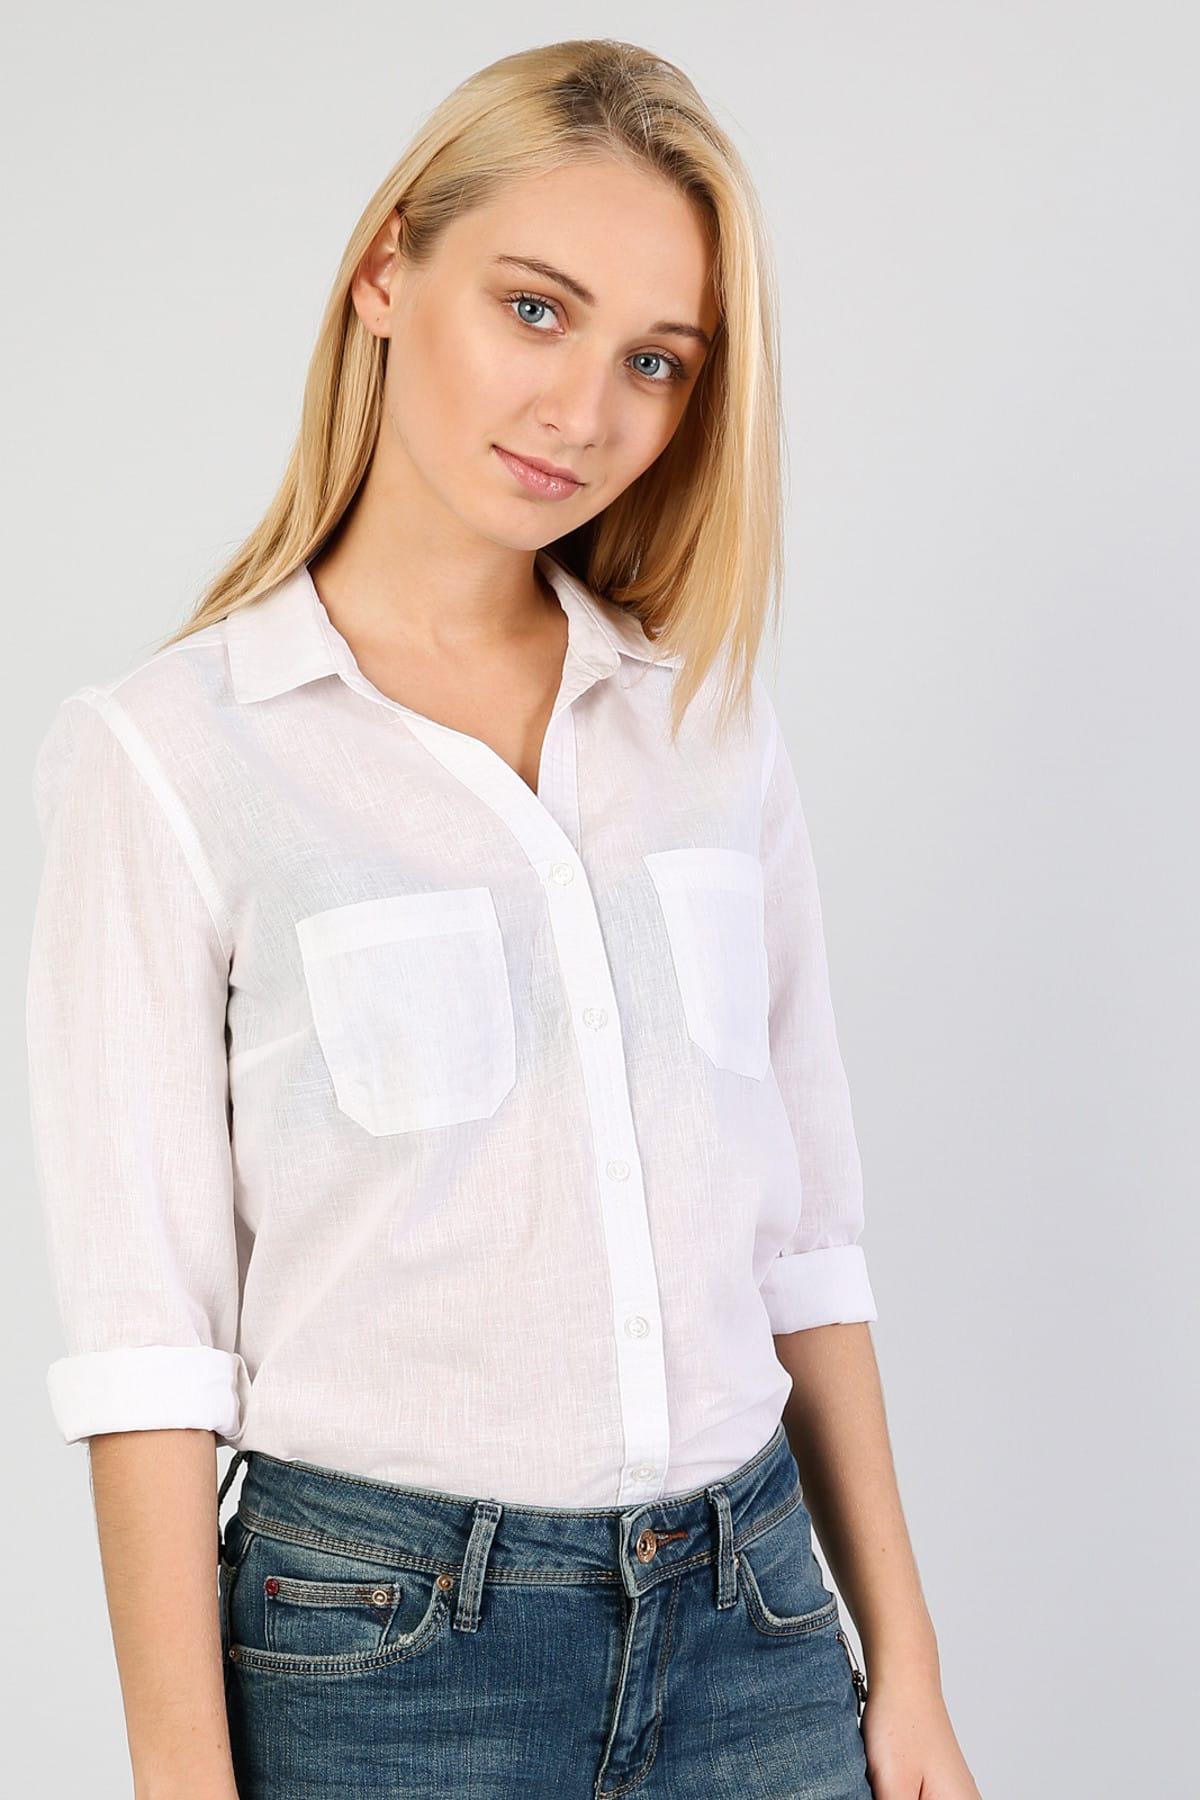 KADIN Regular Fit Shirt Neck Kadın Beyaz Uzun Kol Gömlek CL1042550